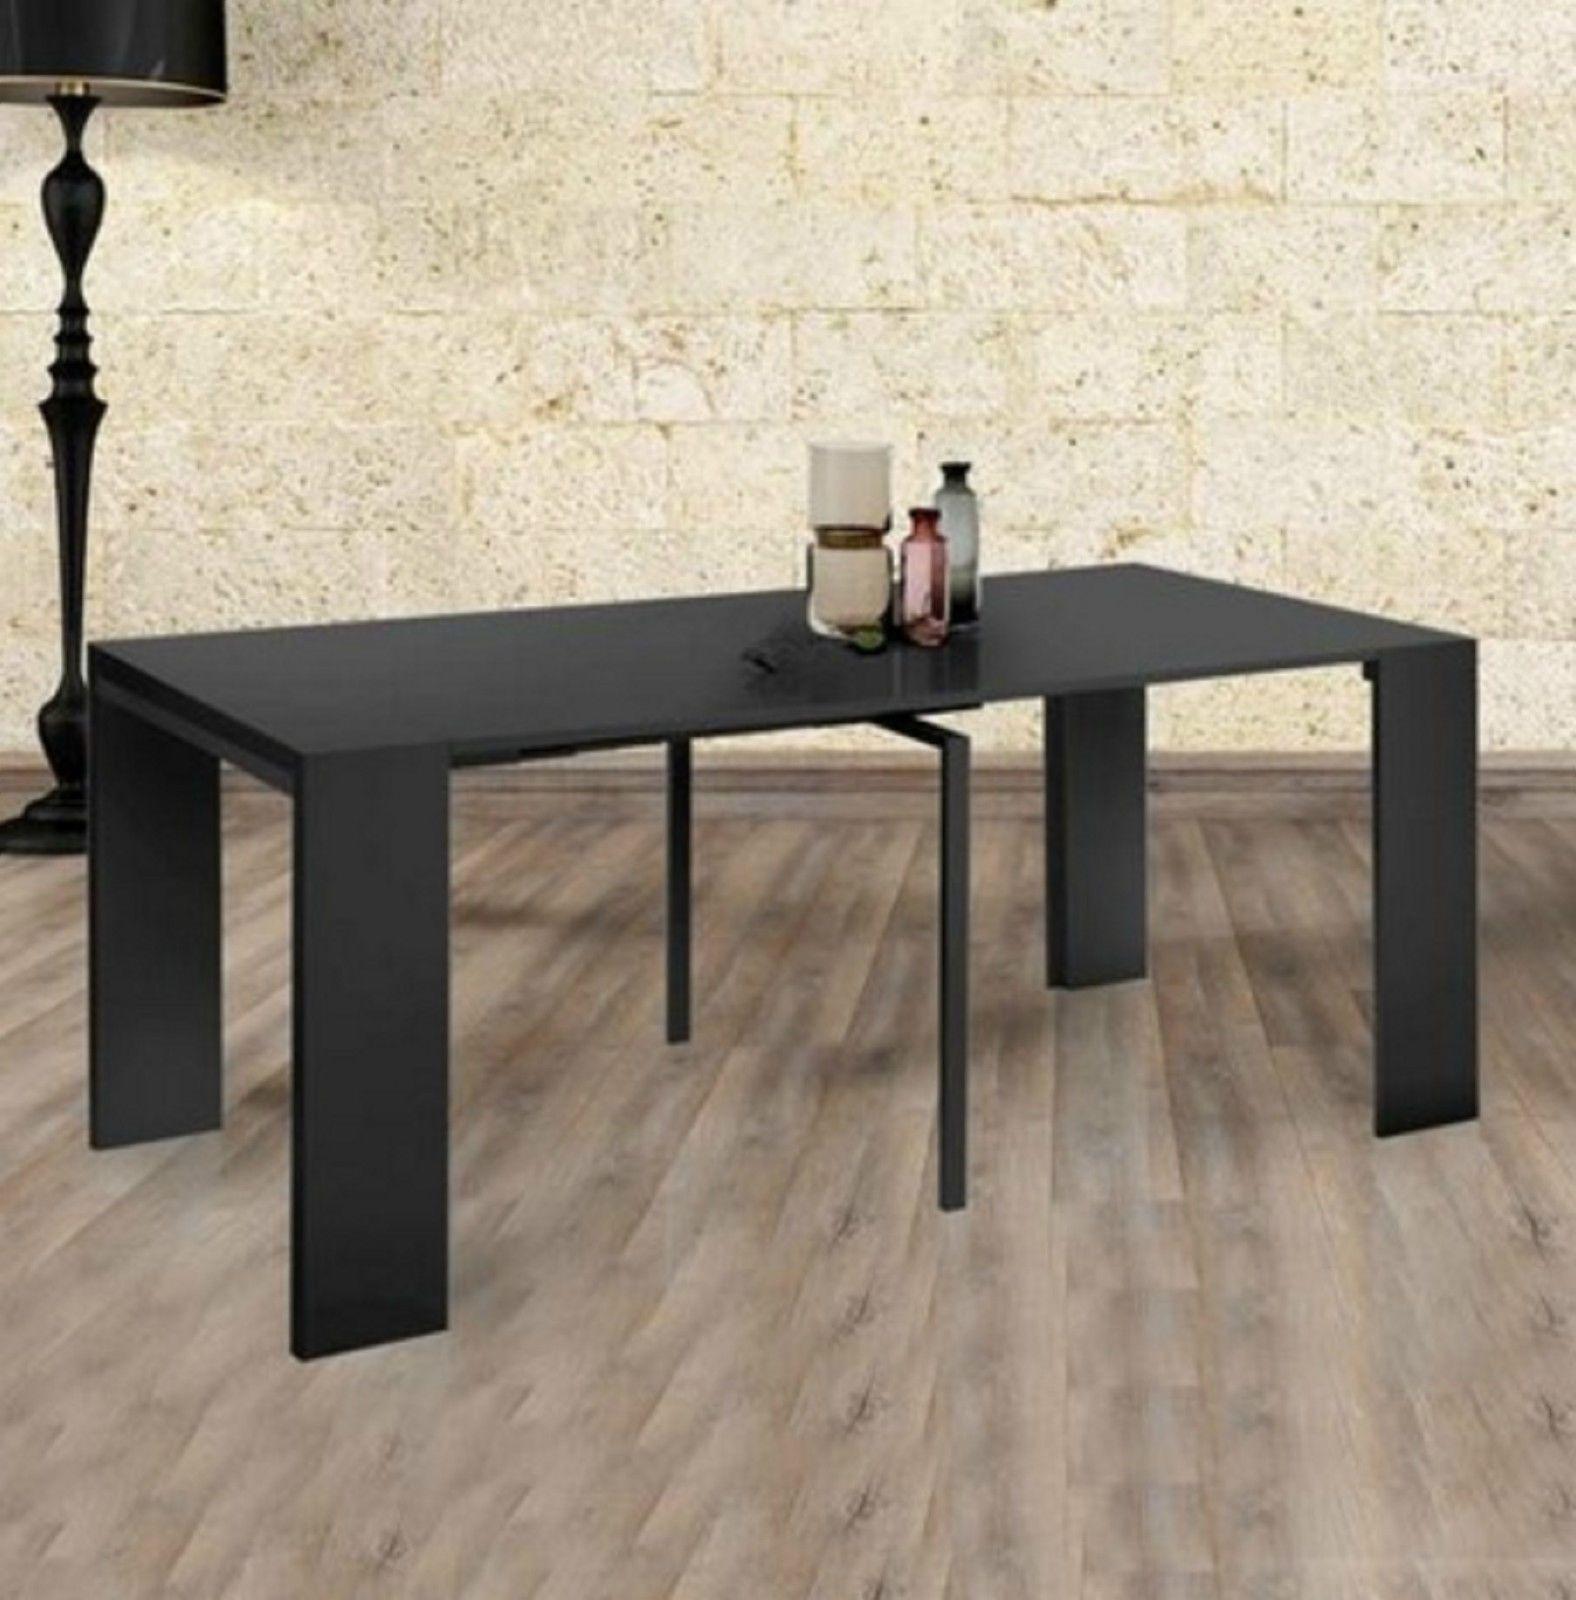 Tavolo consolle allungabile fino a 3mt nero lucido | Bricolage